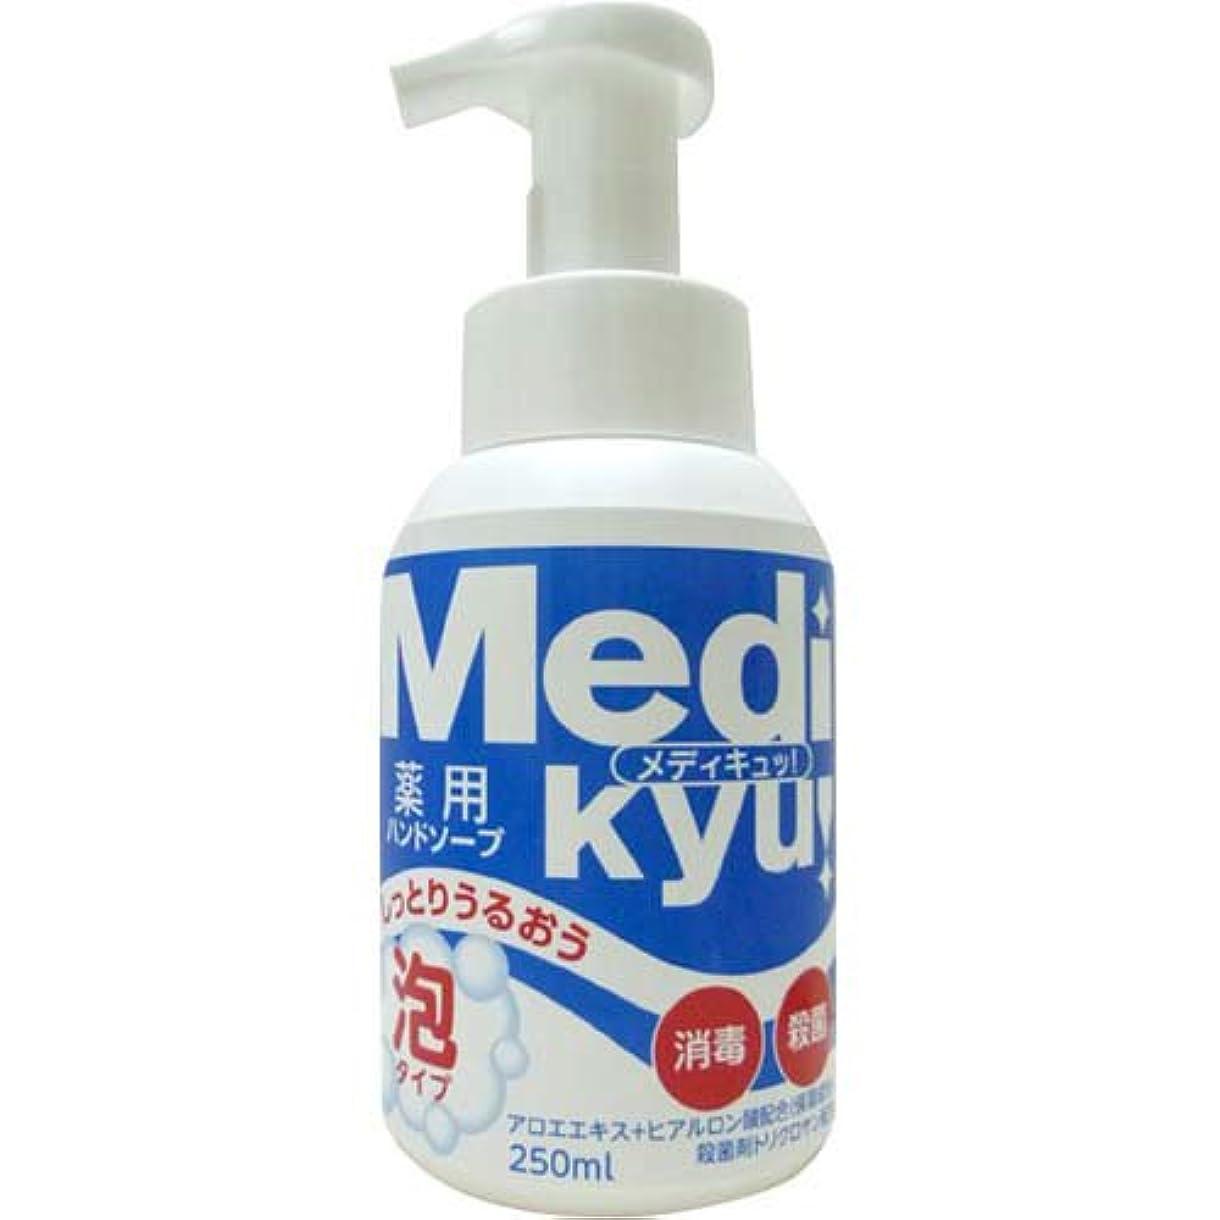 壁スーパーマーケット最大メディキュッ 泡ハンドソープ 250ML [医薬部外品]